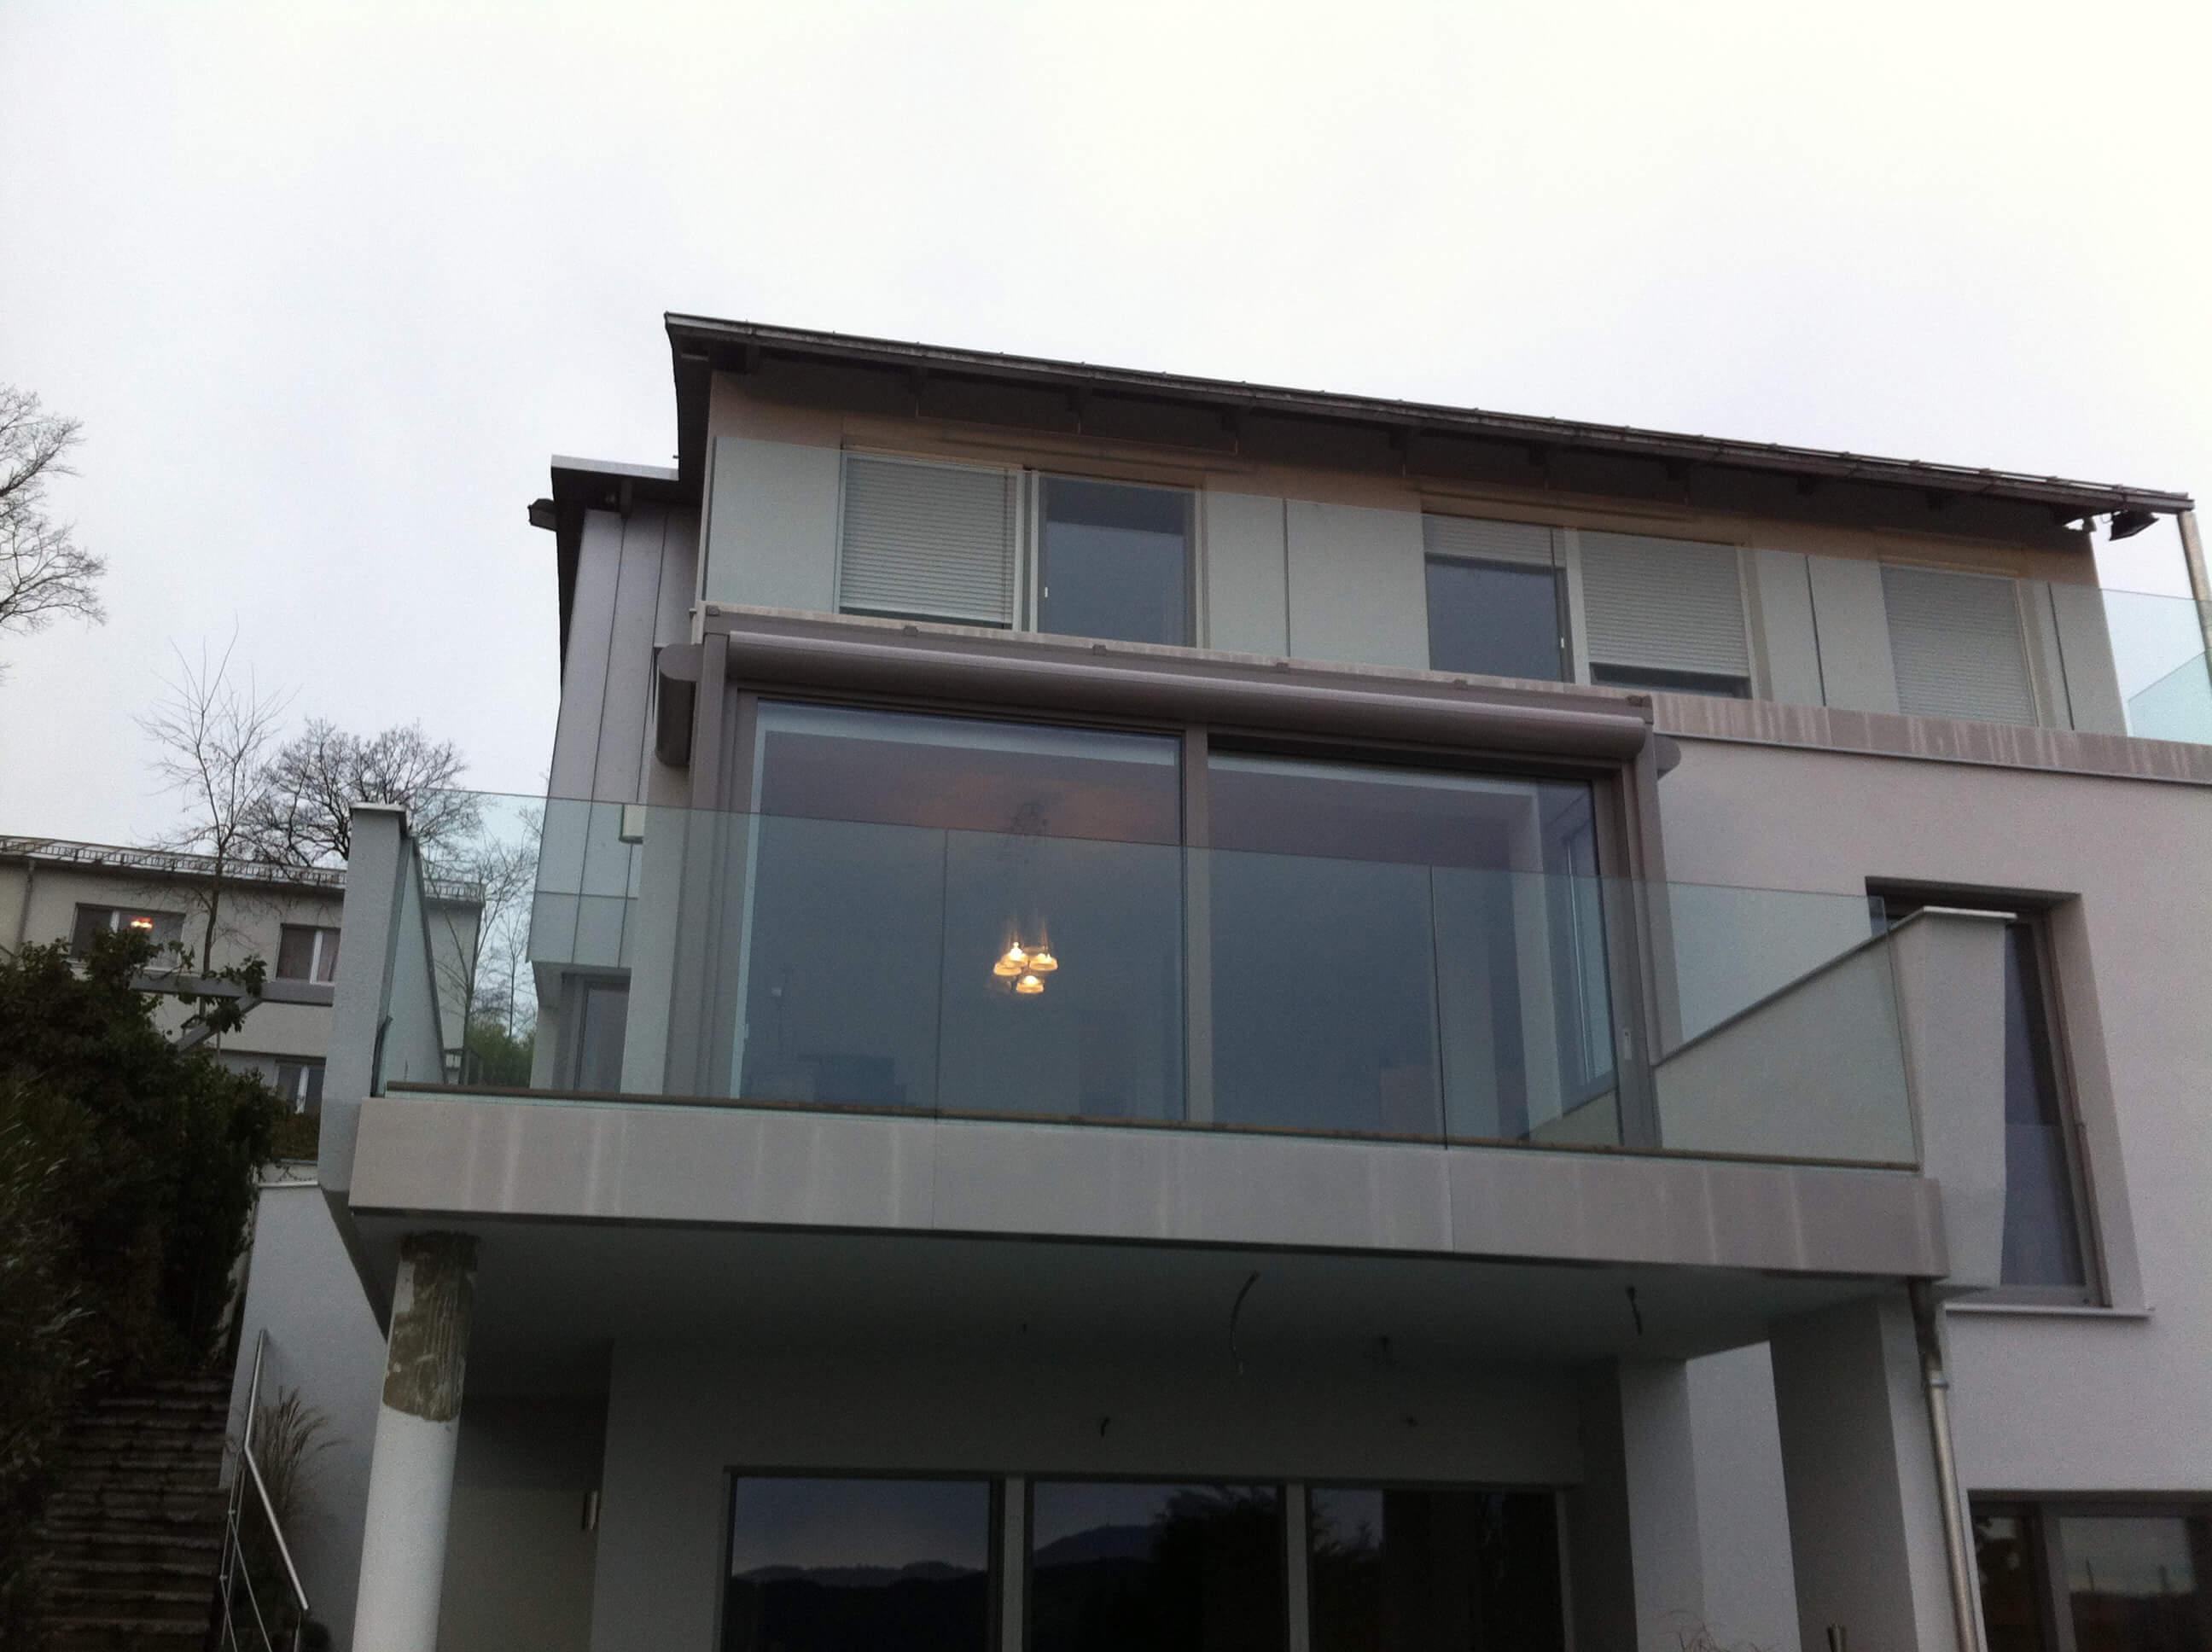 Wintergarten Balkonverglasung mit Außenbeschattung